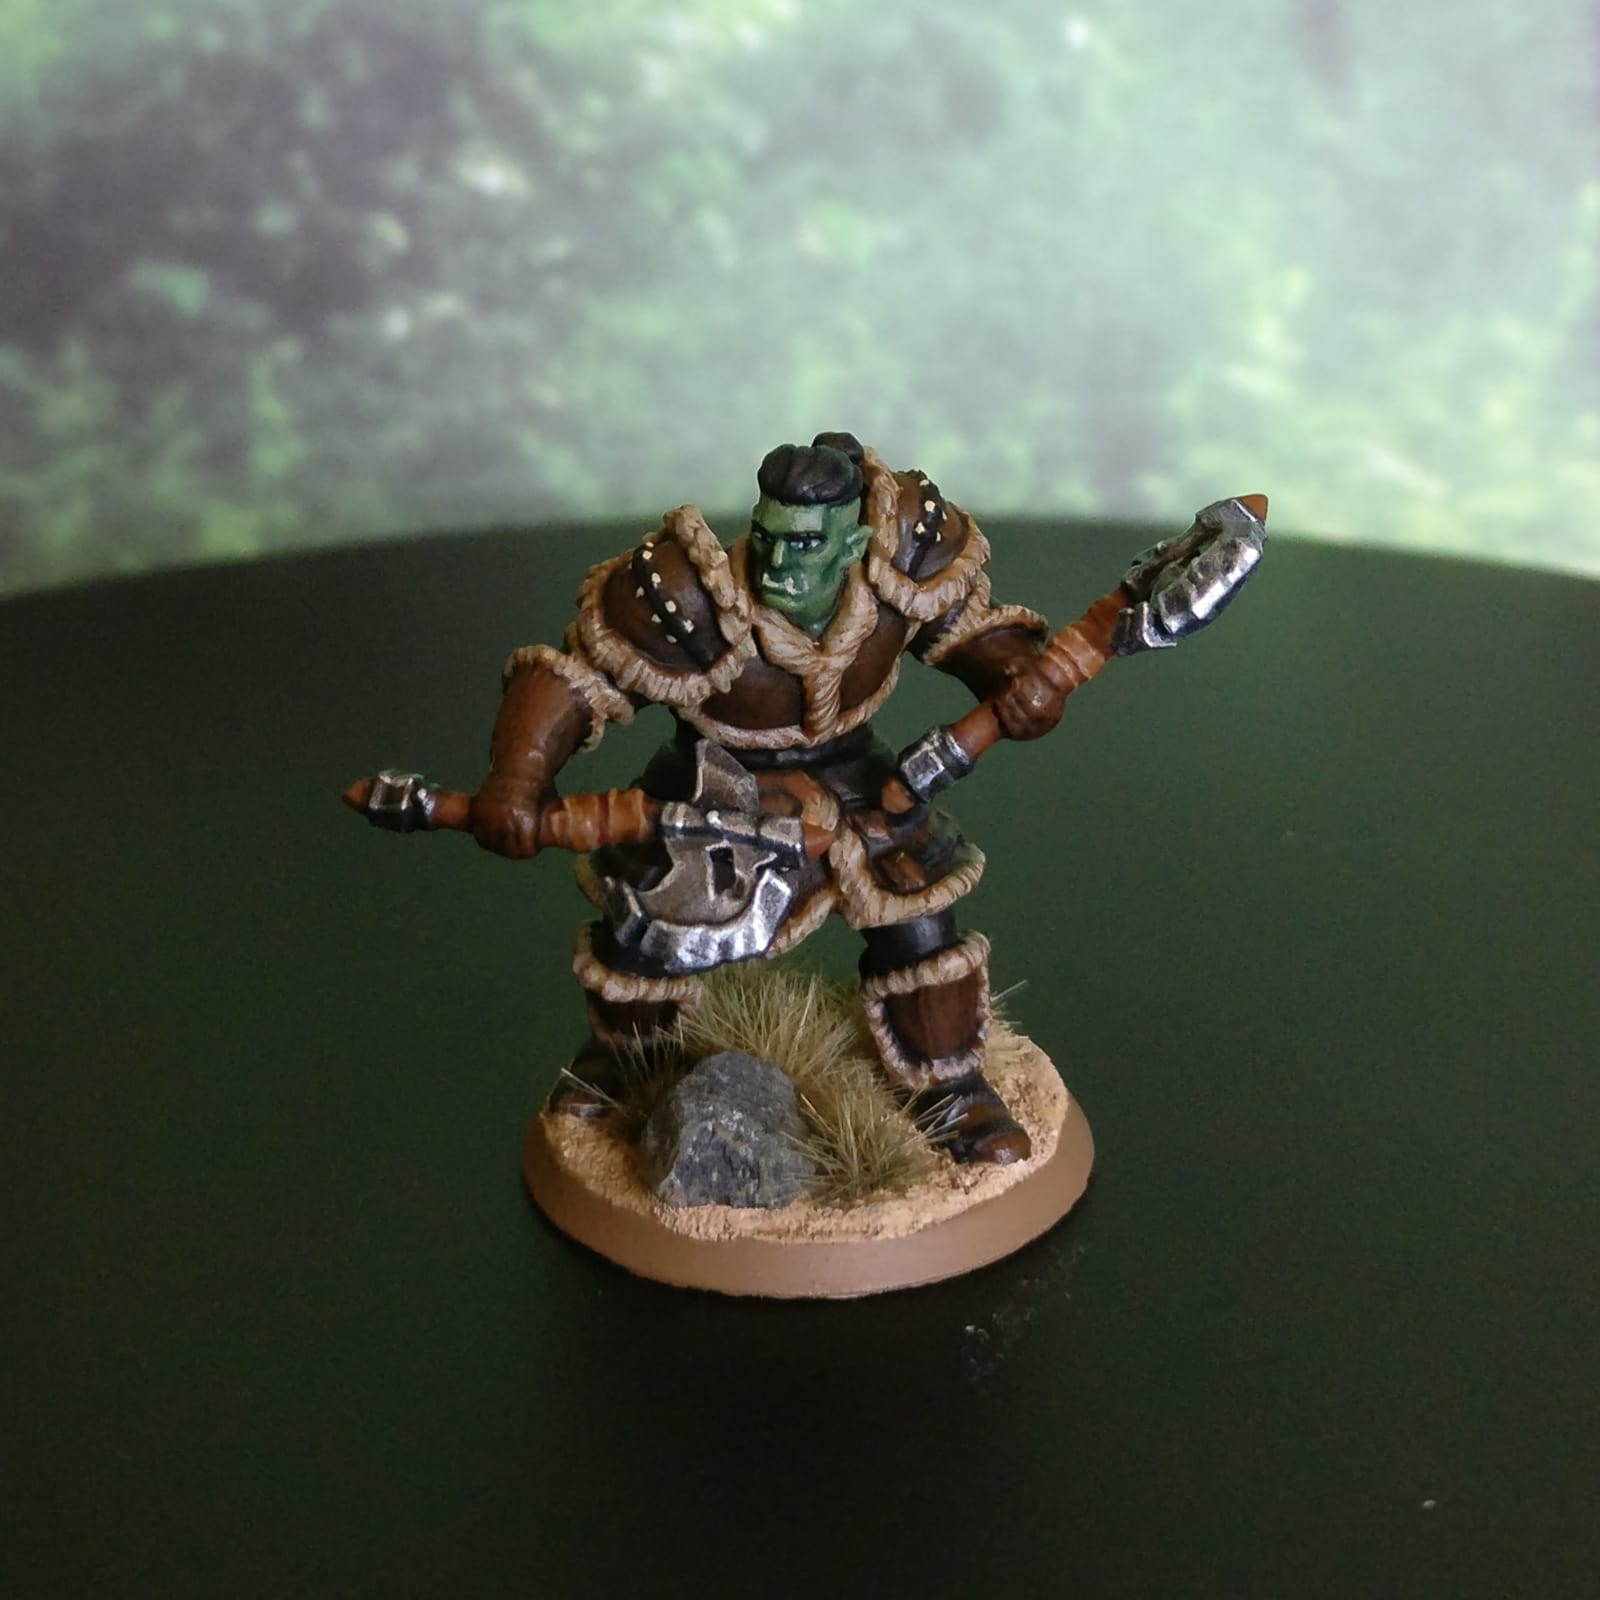 Glendower - Barbarian